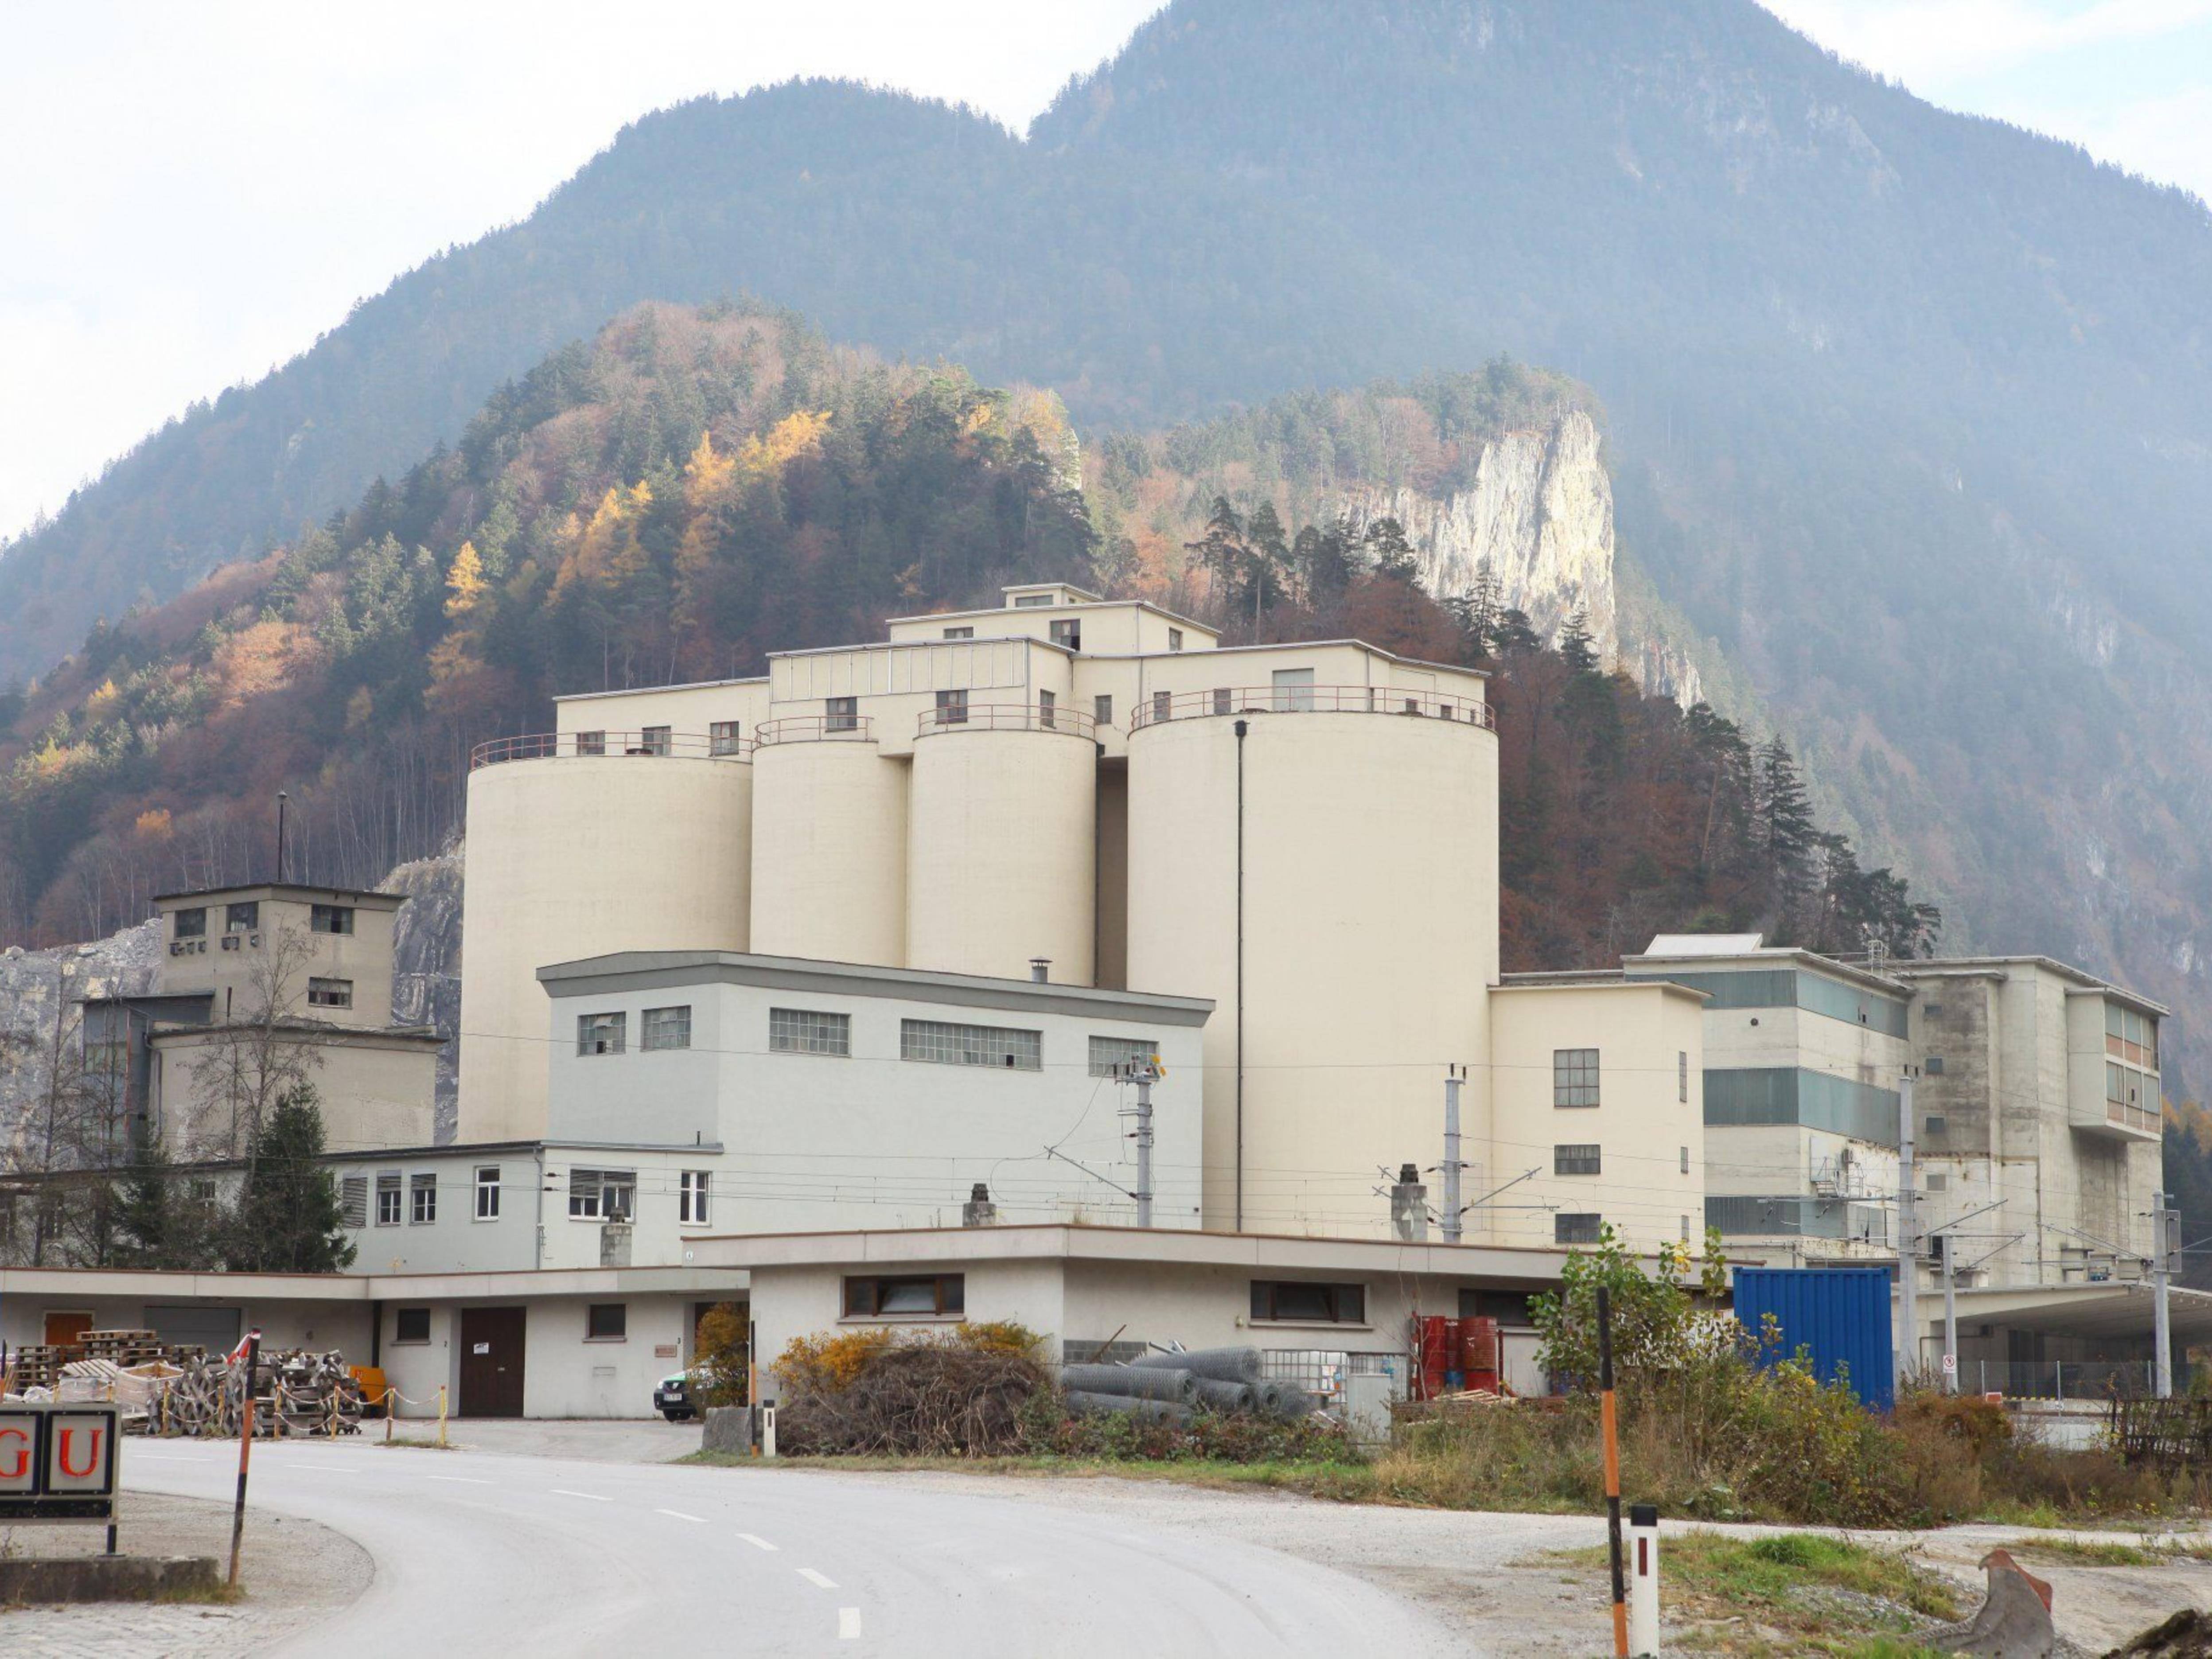 Wechselten den Besitzer: das Grundstück und die Gebäude des stillgelegten Zementwerks in Lorüns.